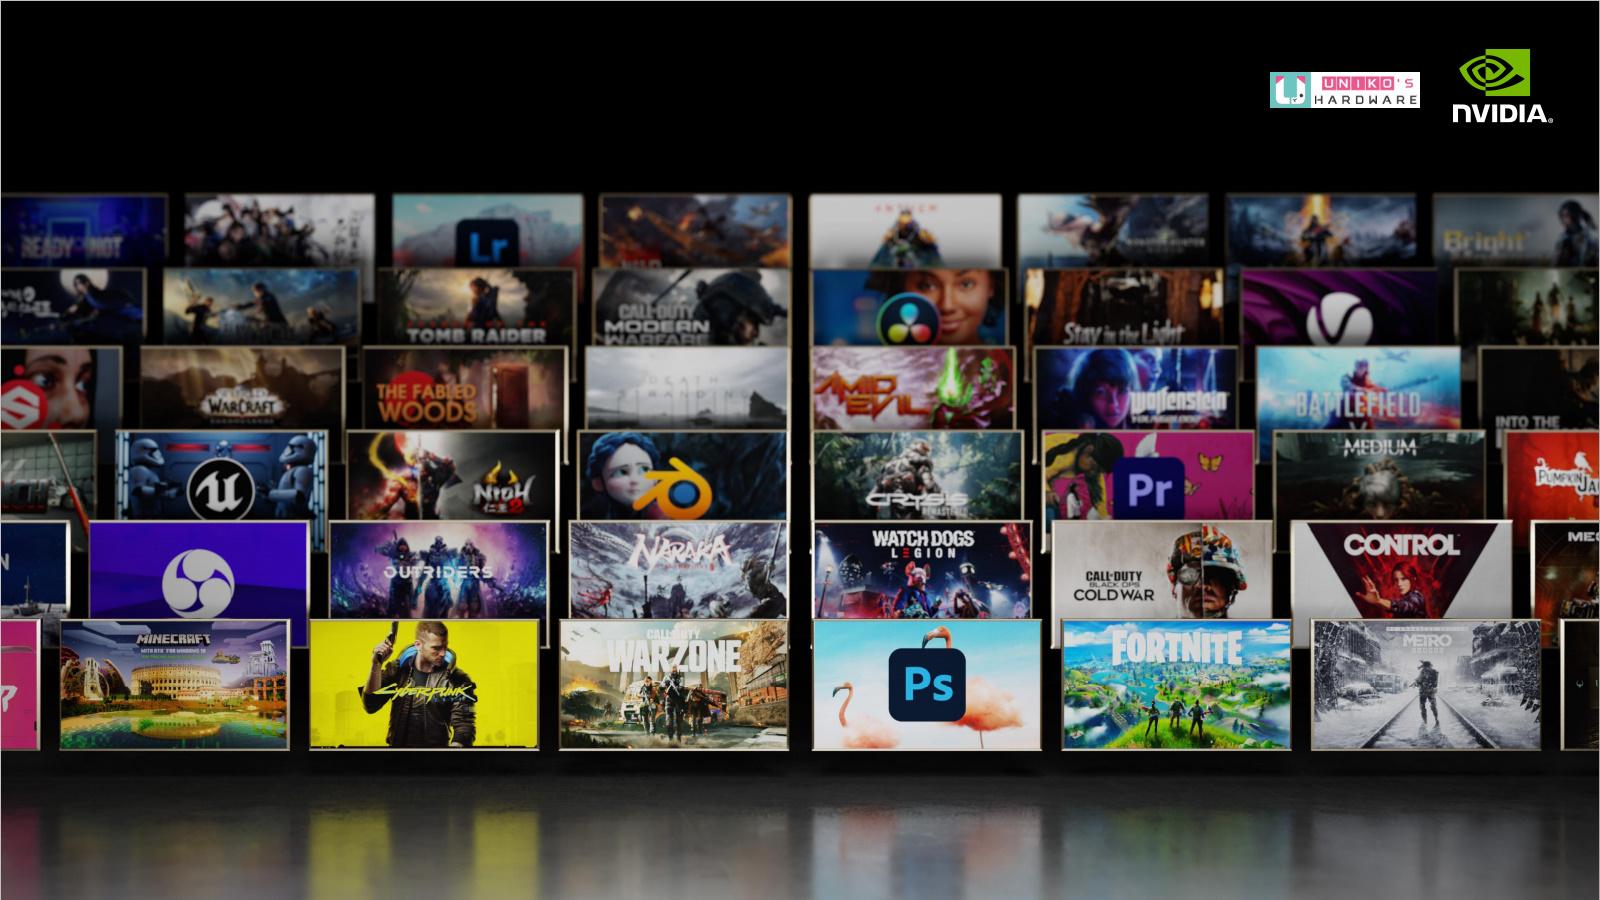 光線追蹤與 NVIDIA DLSS 獲業界廣泛採用 支援 NVIDIA RTX的遊戲數量大幅增至 130 款